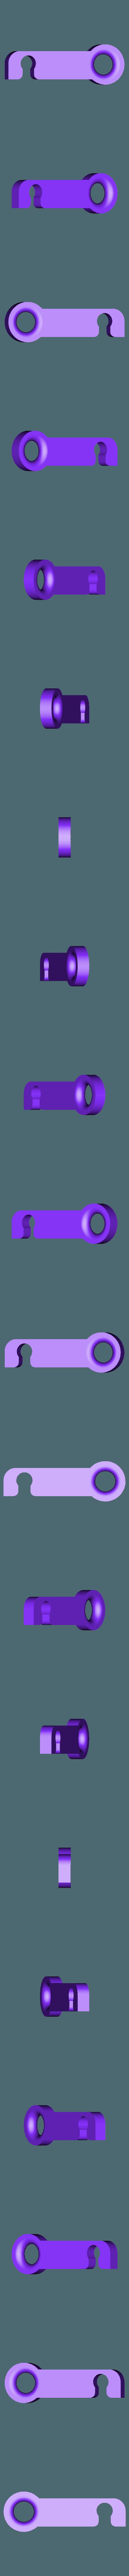 DD_passe_filament_axe_8mm.stl Télécharger fichier STL gratuit boitier capteur fin filament pour axe 8mm • Design pour imprimante 3D, gerald85